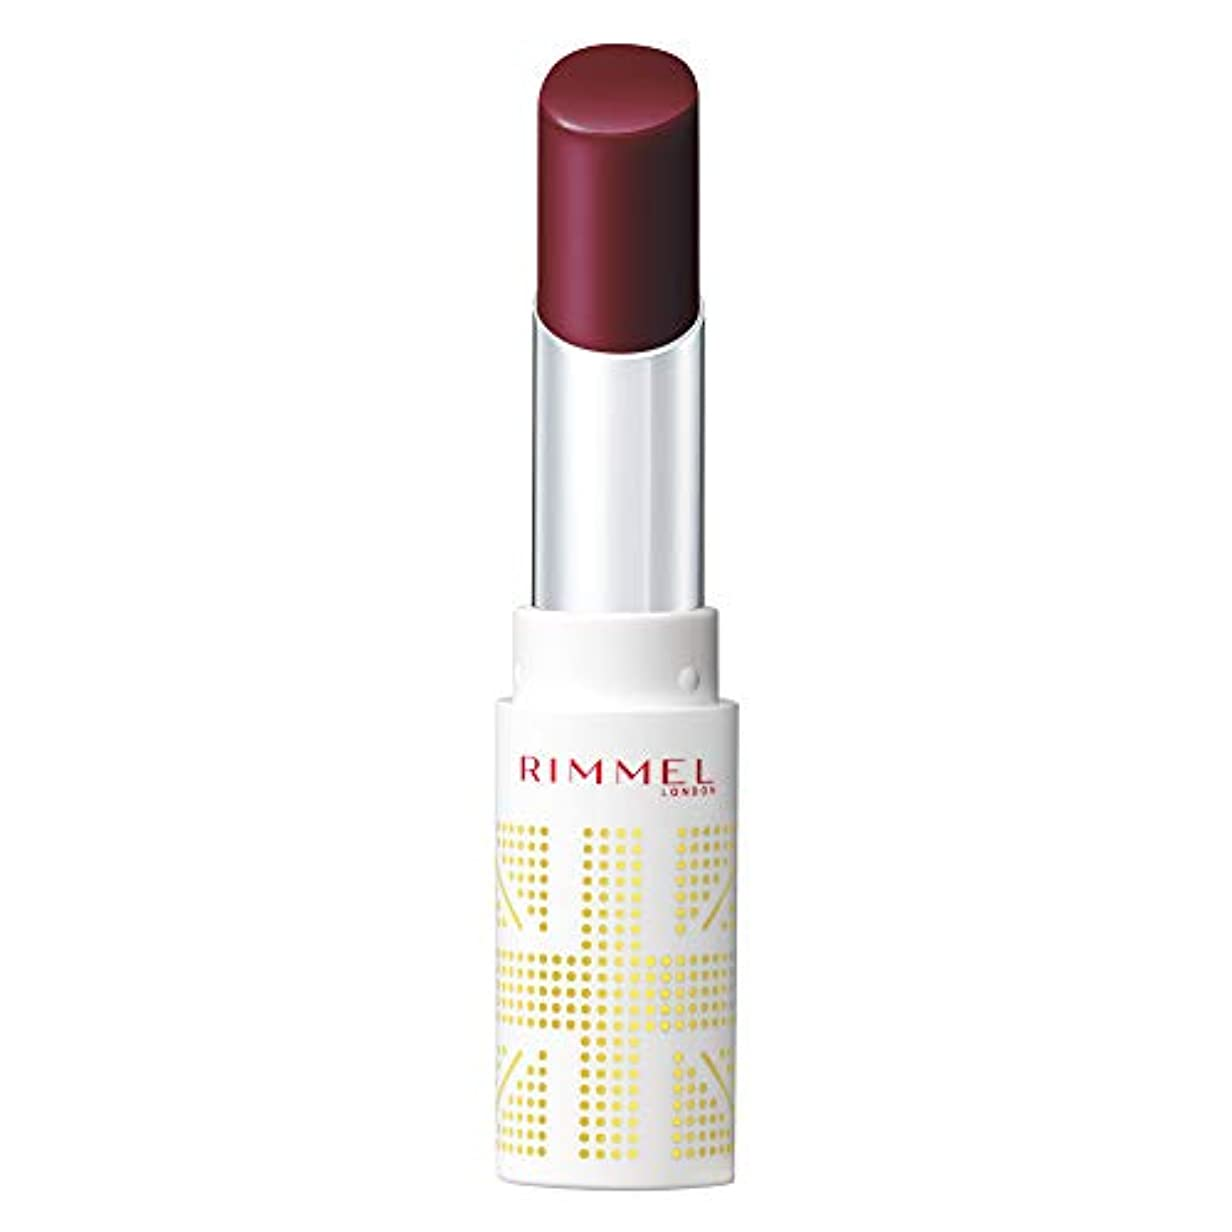 特許無声で操作Rimmel (リンメル) リンメル ラスティングフィニッシュ オイルティントリップ 006 バーガンディ 3.8g 口紅